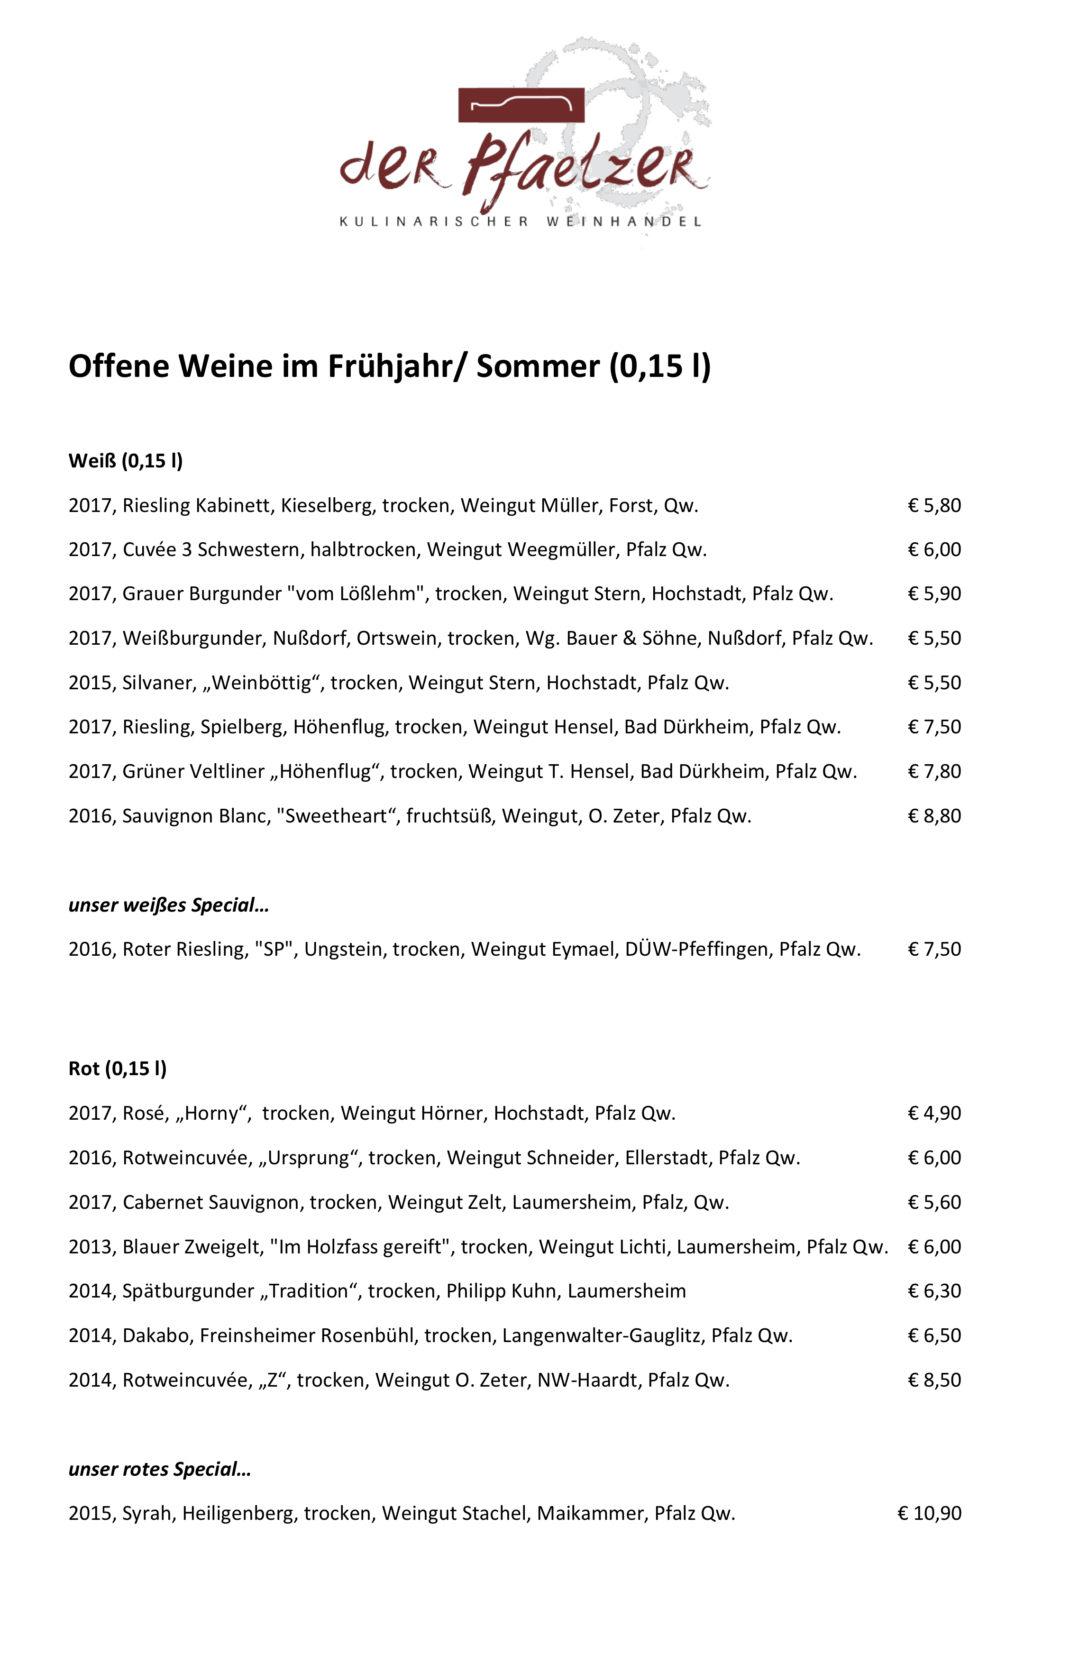 Offene Weine Frühjahr-Sommer 2019_1